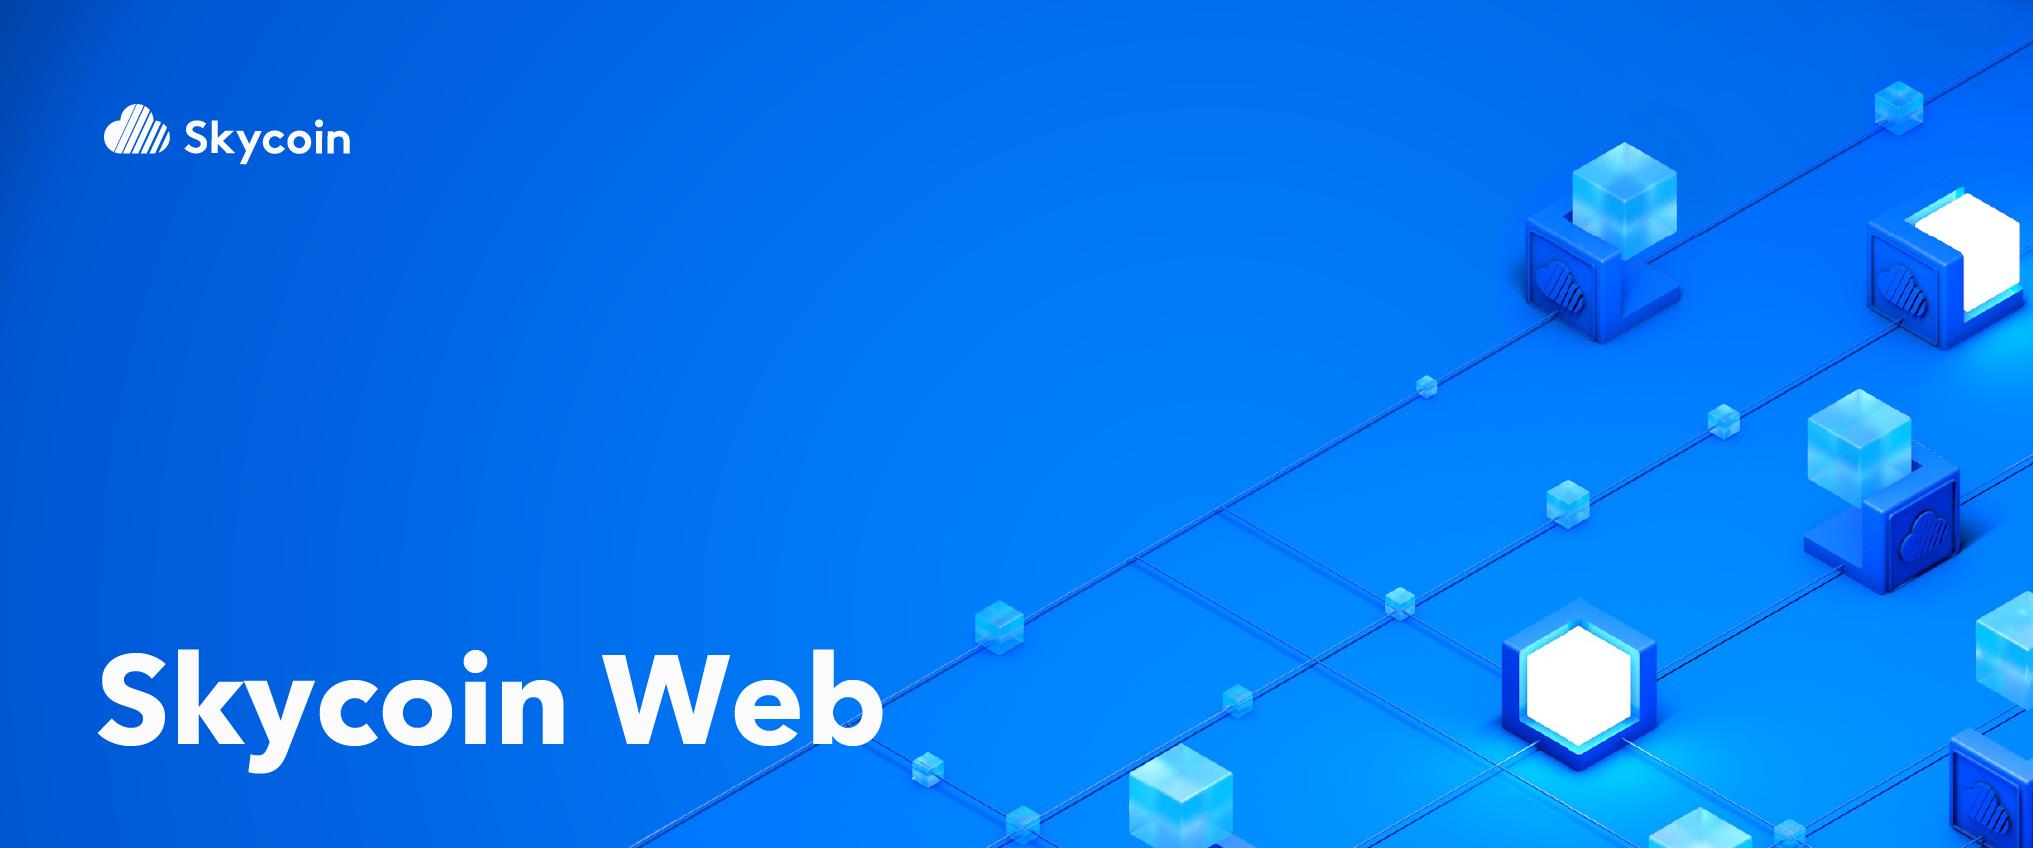 skycoin web